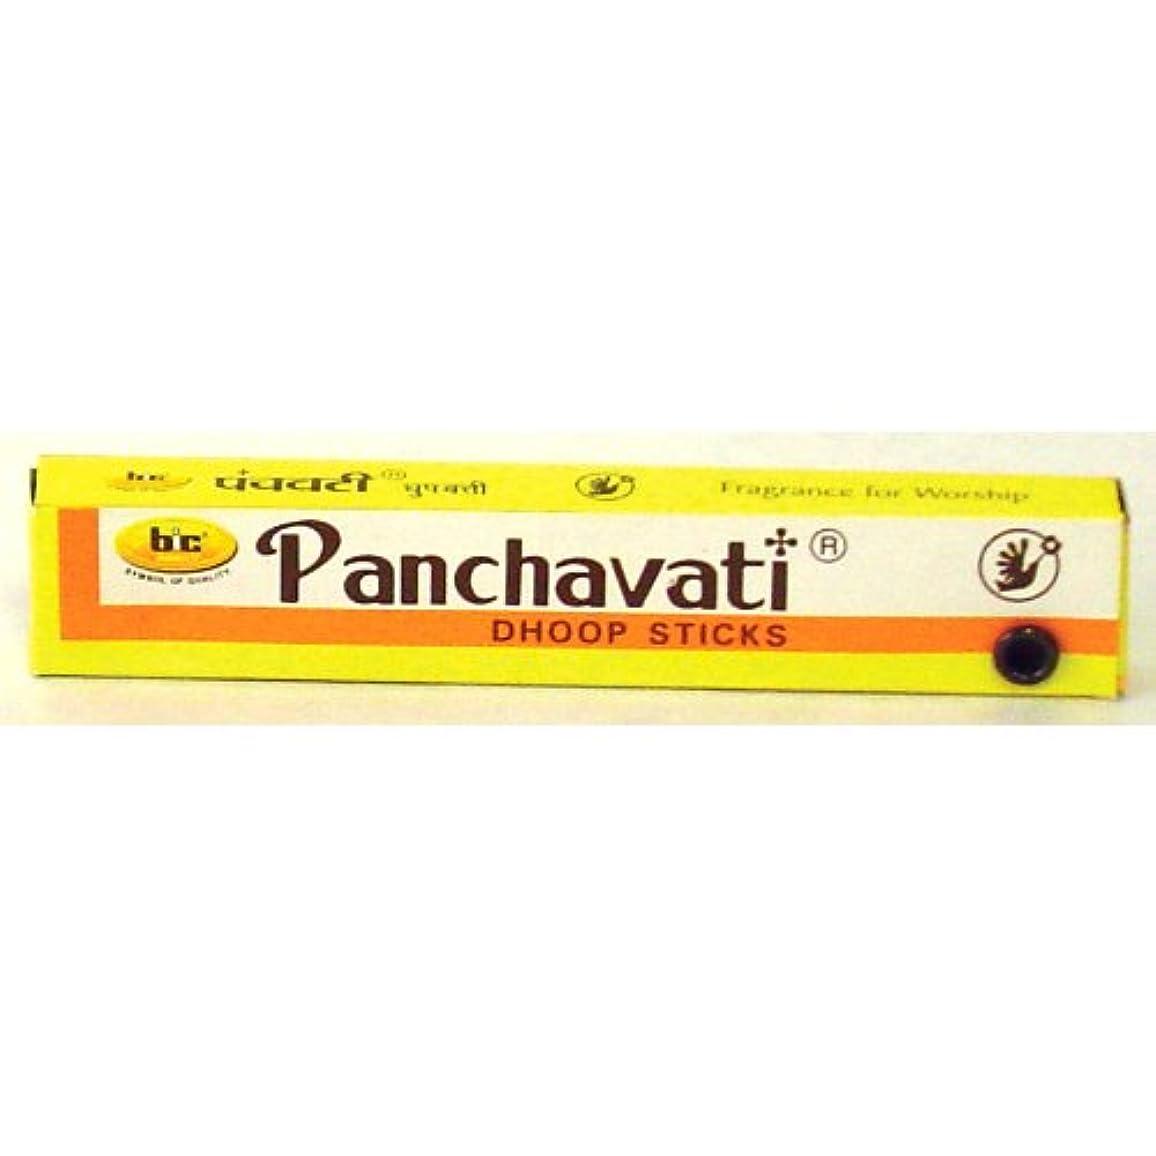 ステップパトワ瀬戸際Panchavati Dhoop Sticks - One Dozen Boxes - 5 King Size by Incense